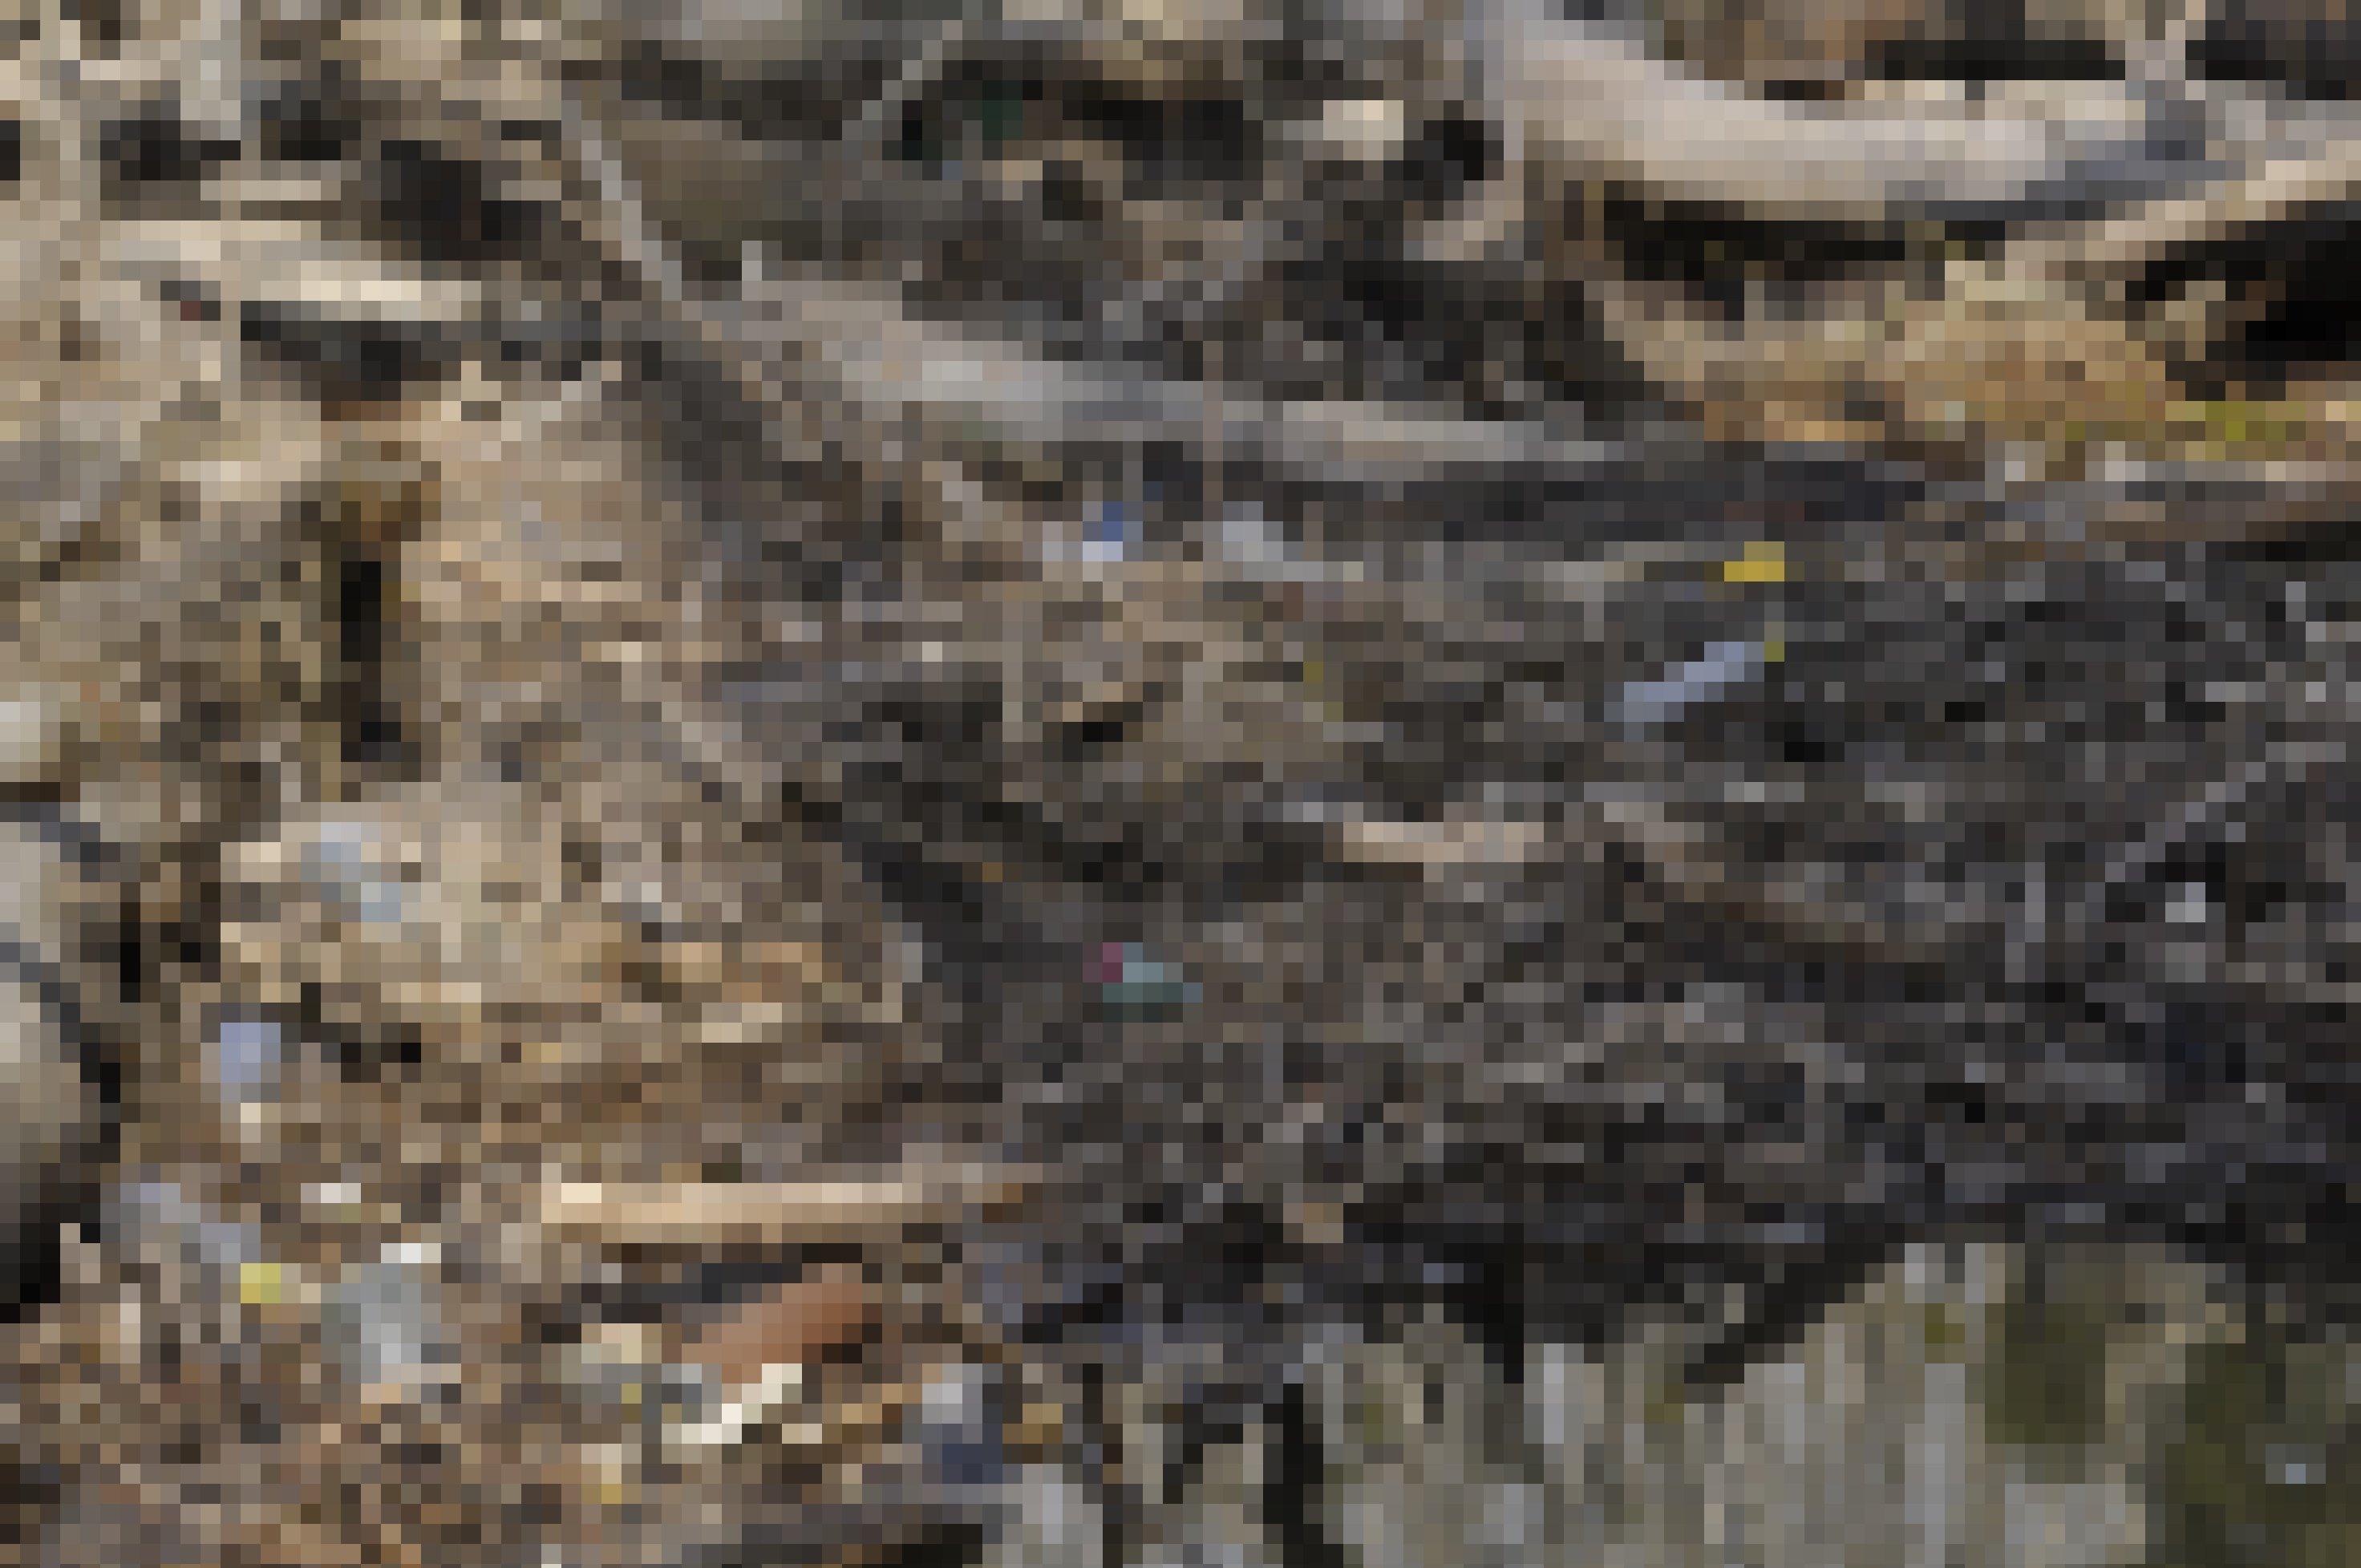 Angeschwemmtes Totholz mit Plastikabfällen dazwischen liegt an einer Wasserstelle in der Au